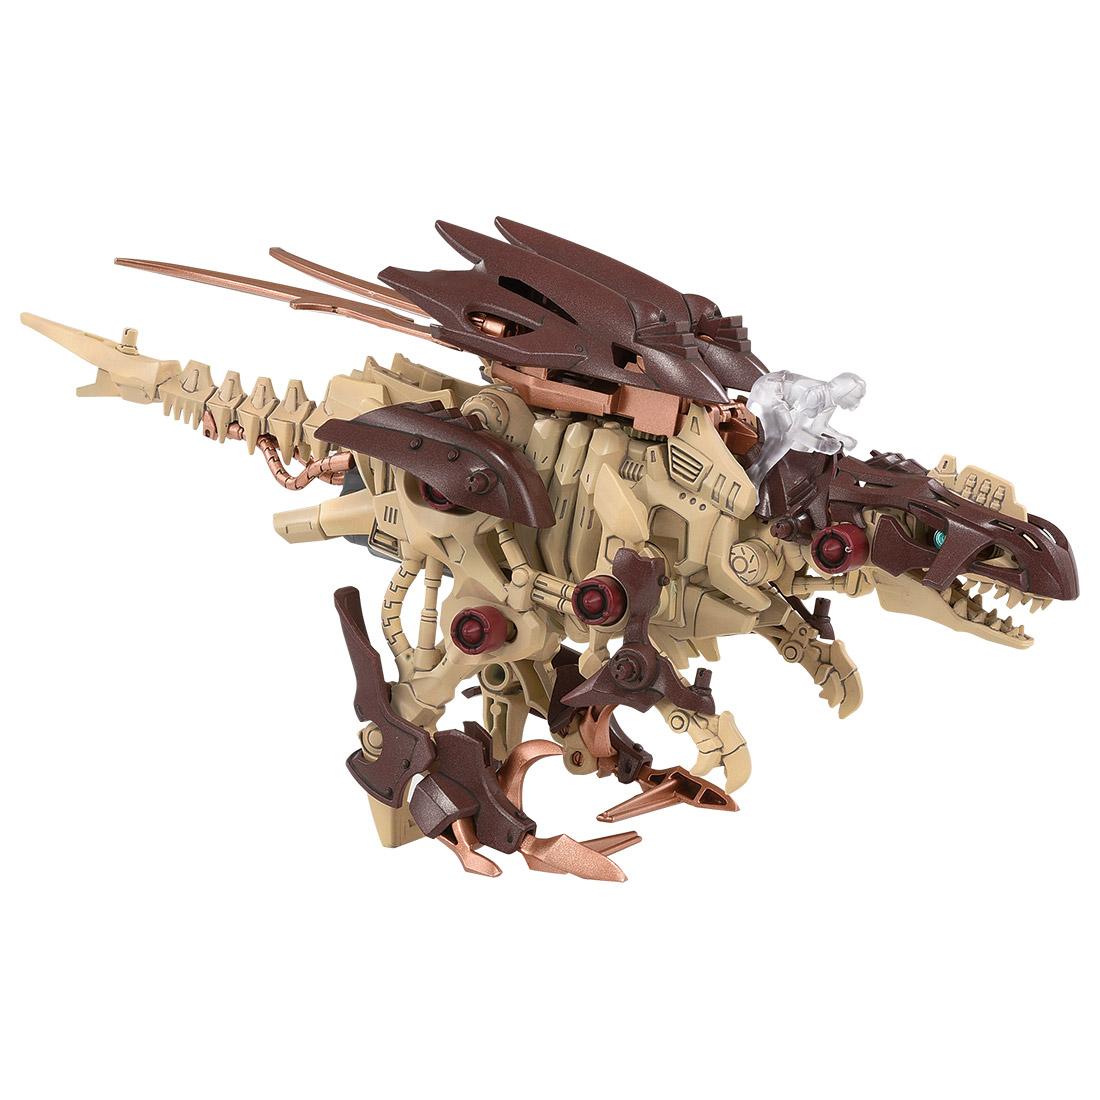 【恐竜博2019開催記念】ゾイドワイルド『ギルラプター レアボーンver.』組み立てキット-001